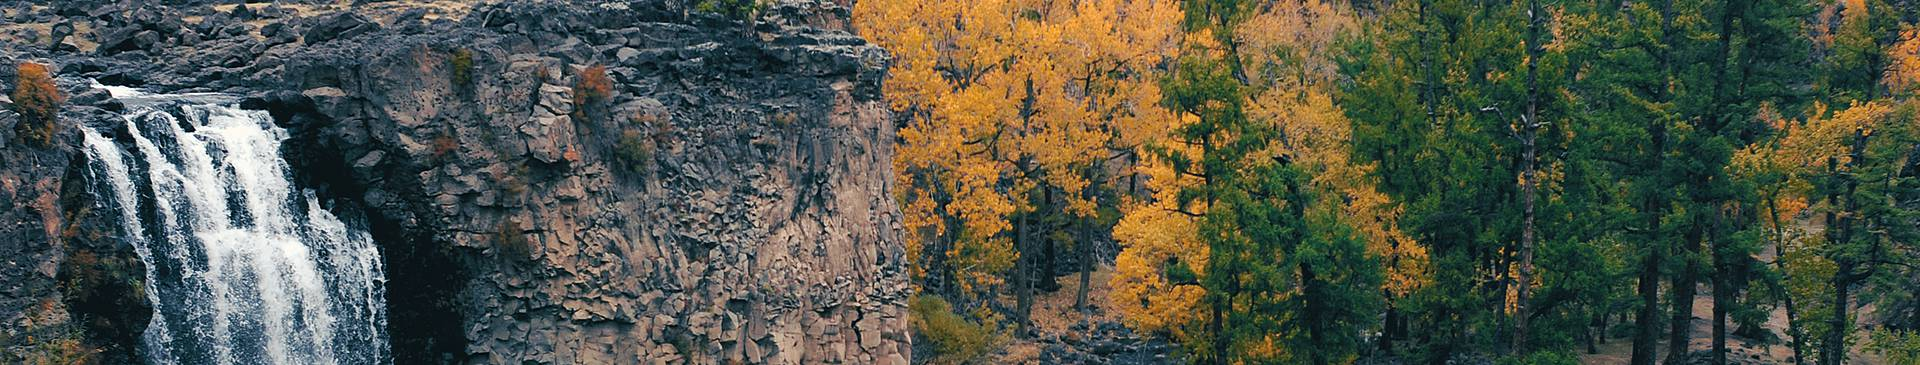 Viajes a Mongolia en otoño